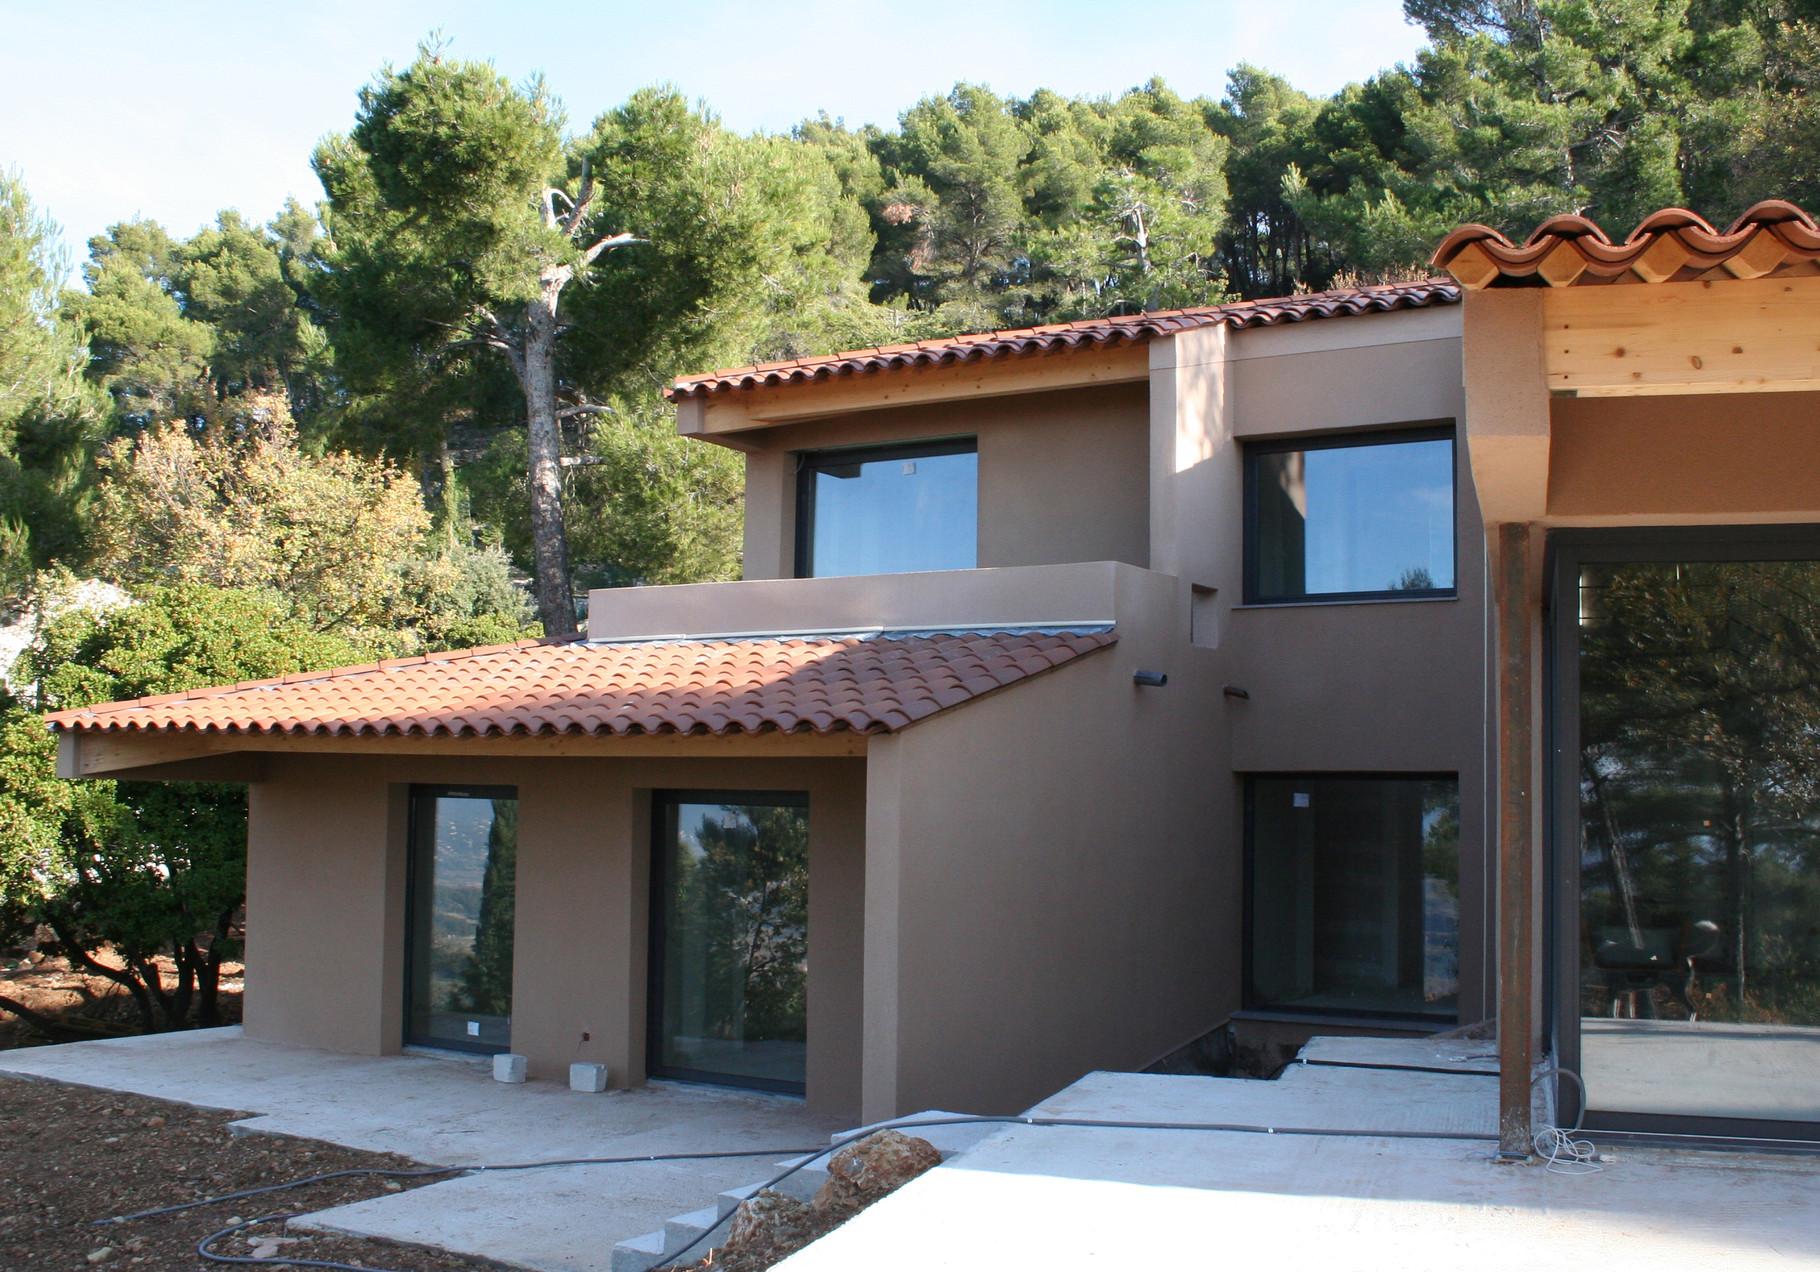 Votre toiture neuve o r nov e r alis e par la charpenterie de la beno te charpenterie de la - Forme de toiture maison ...